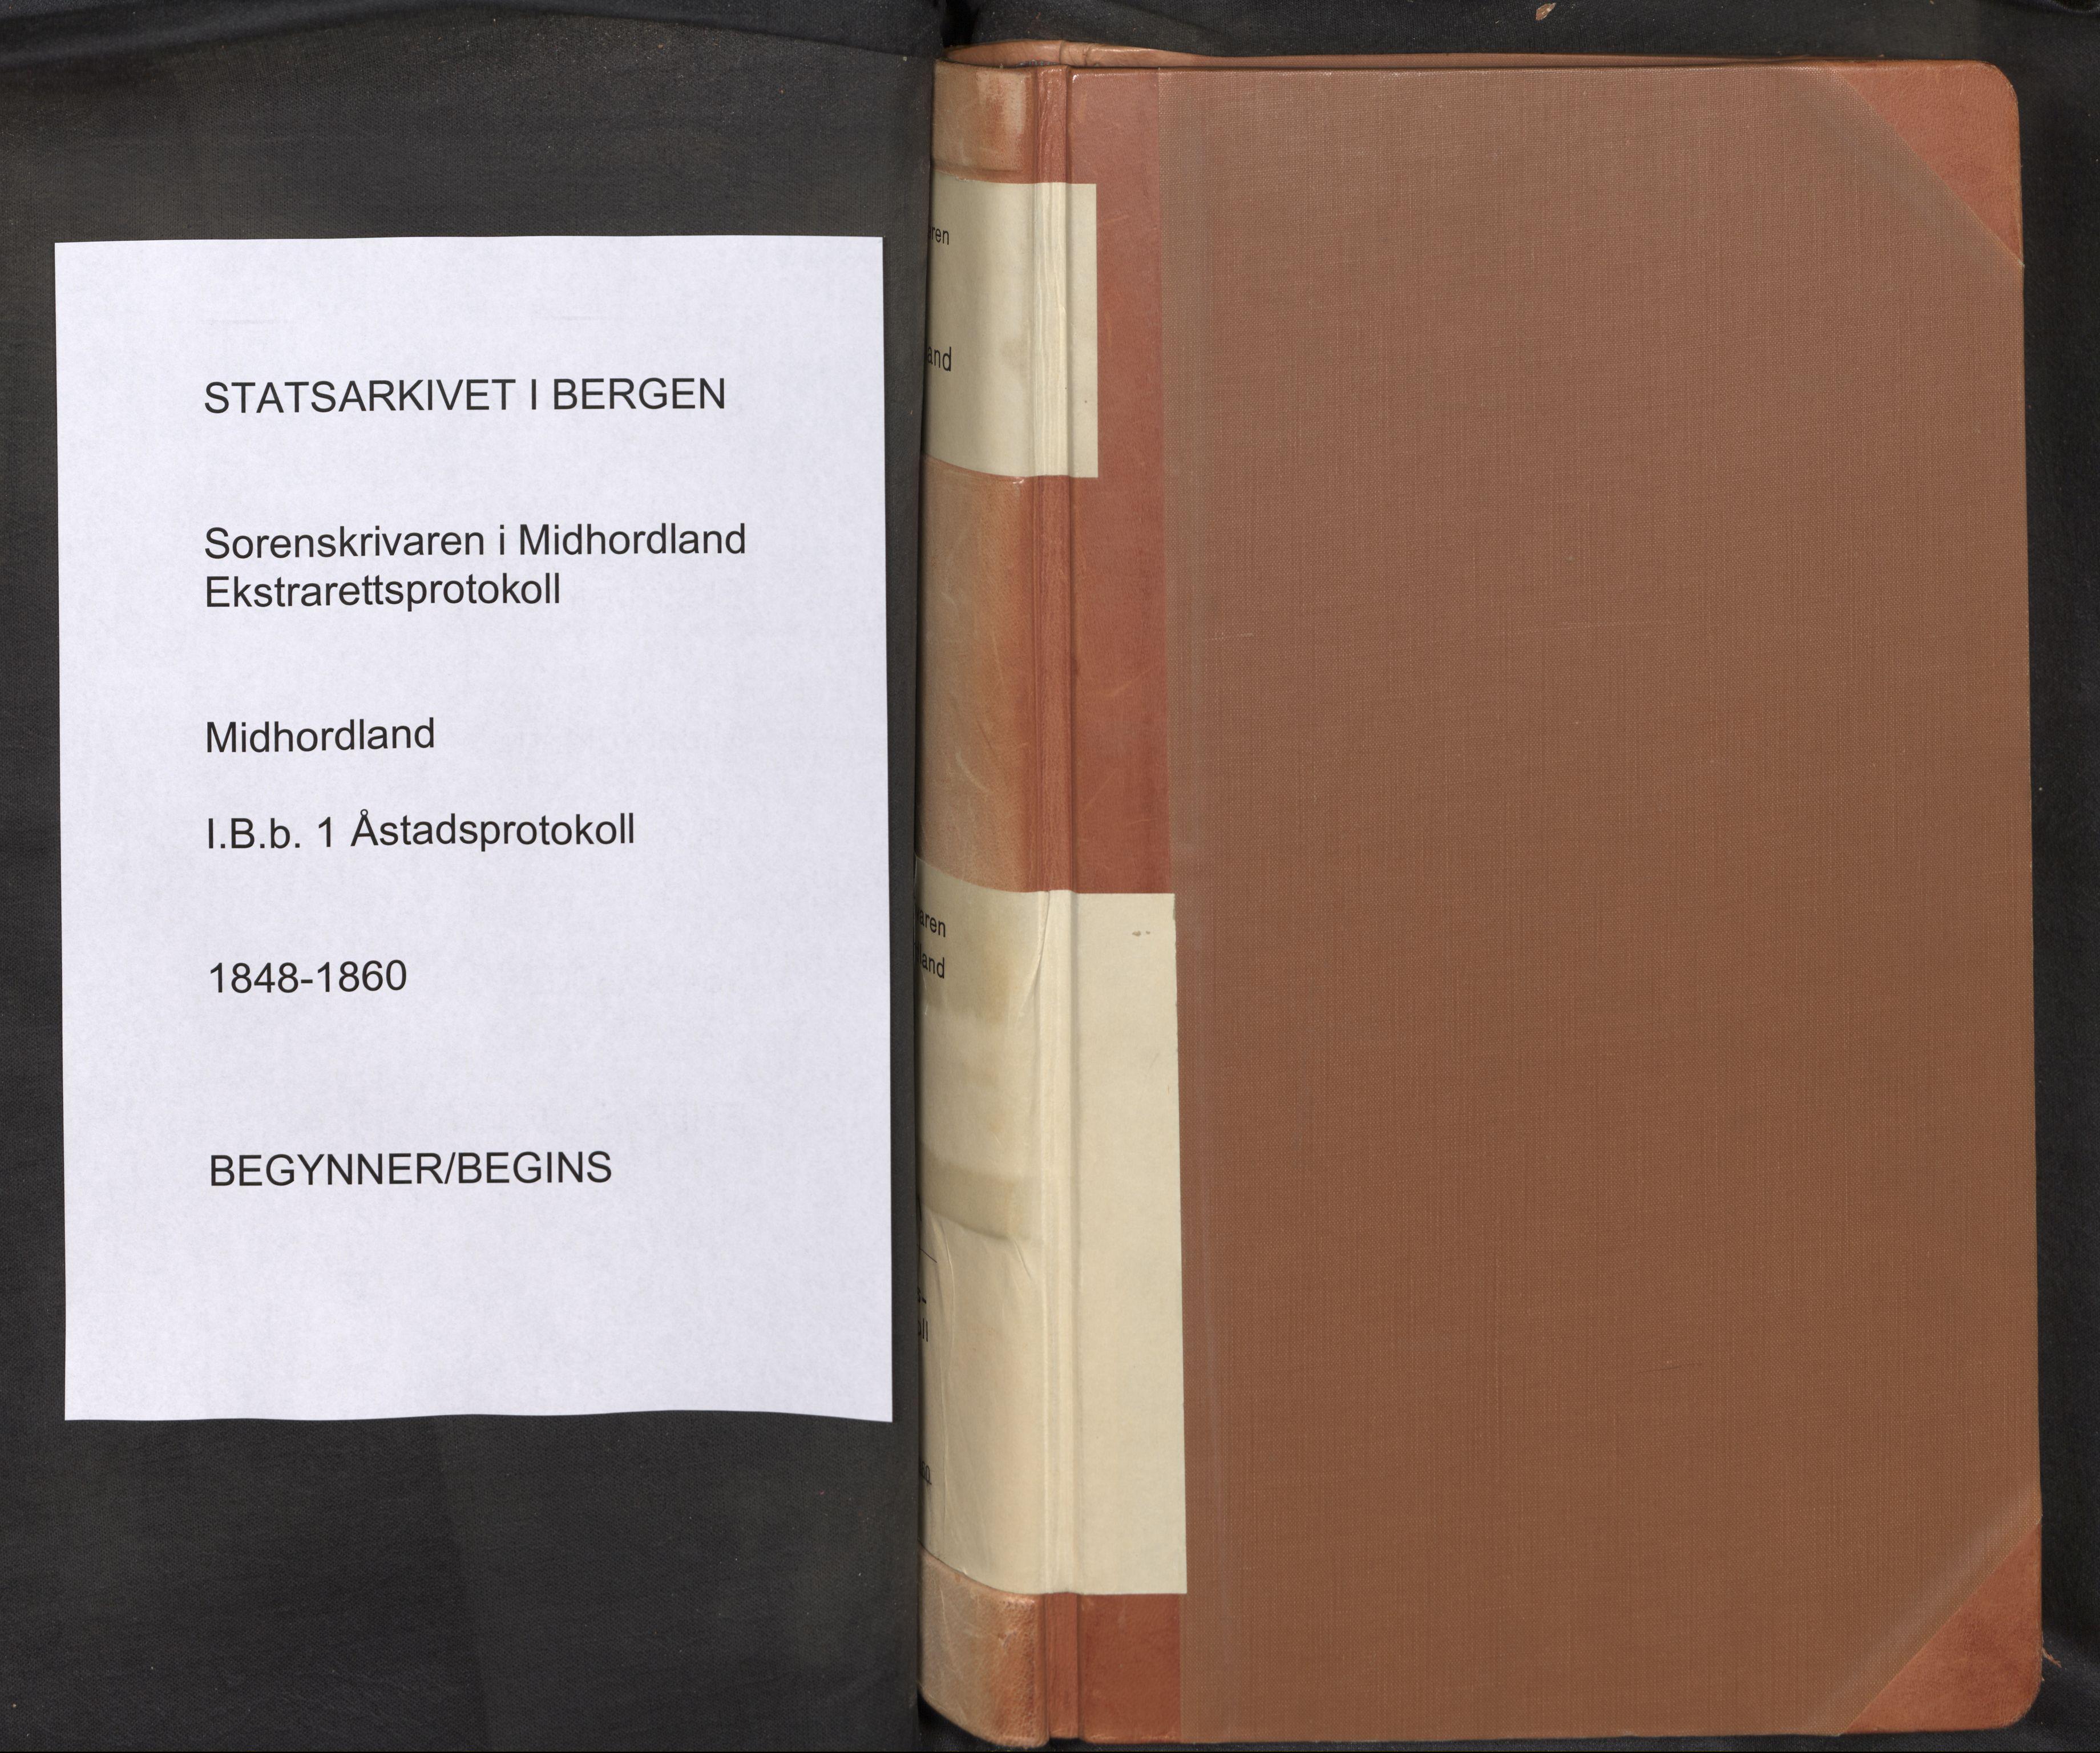 SAB, Midhordland sorenskriveri, F/Fb/Fbb/L0001: Åstadsprotokoll, 1848-1860